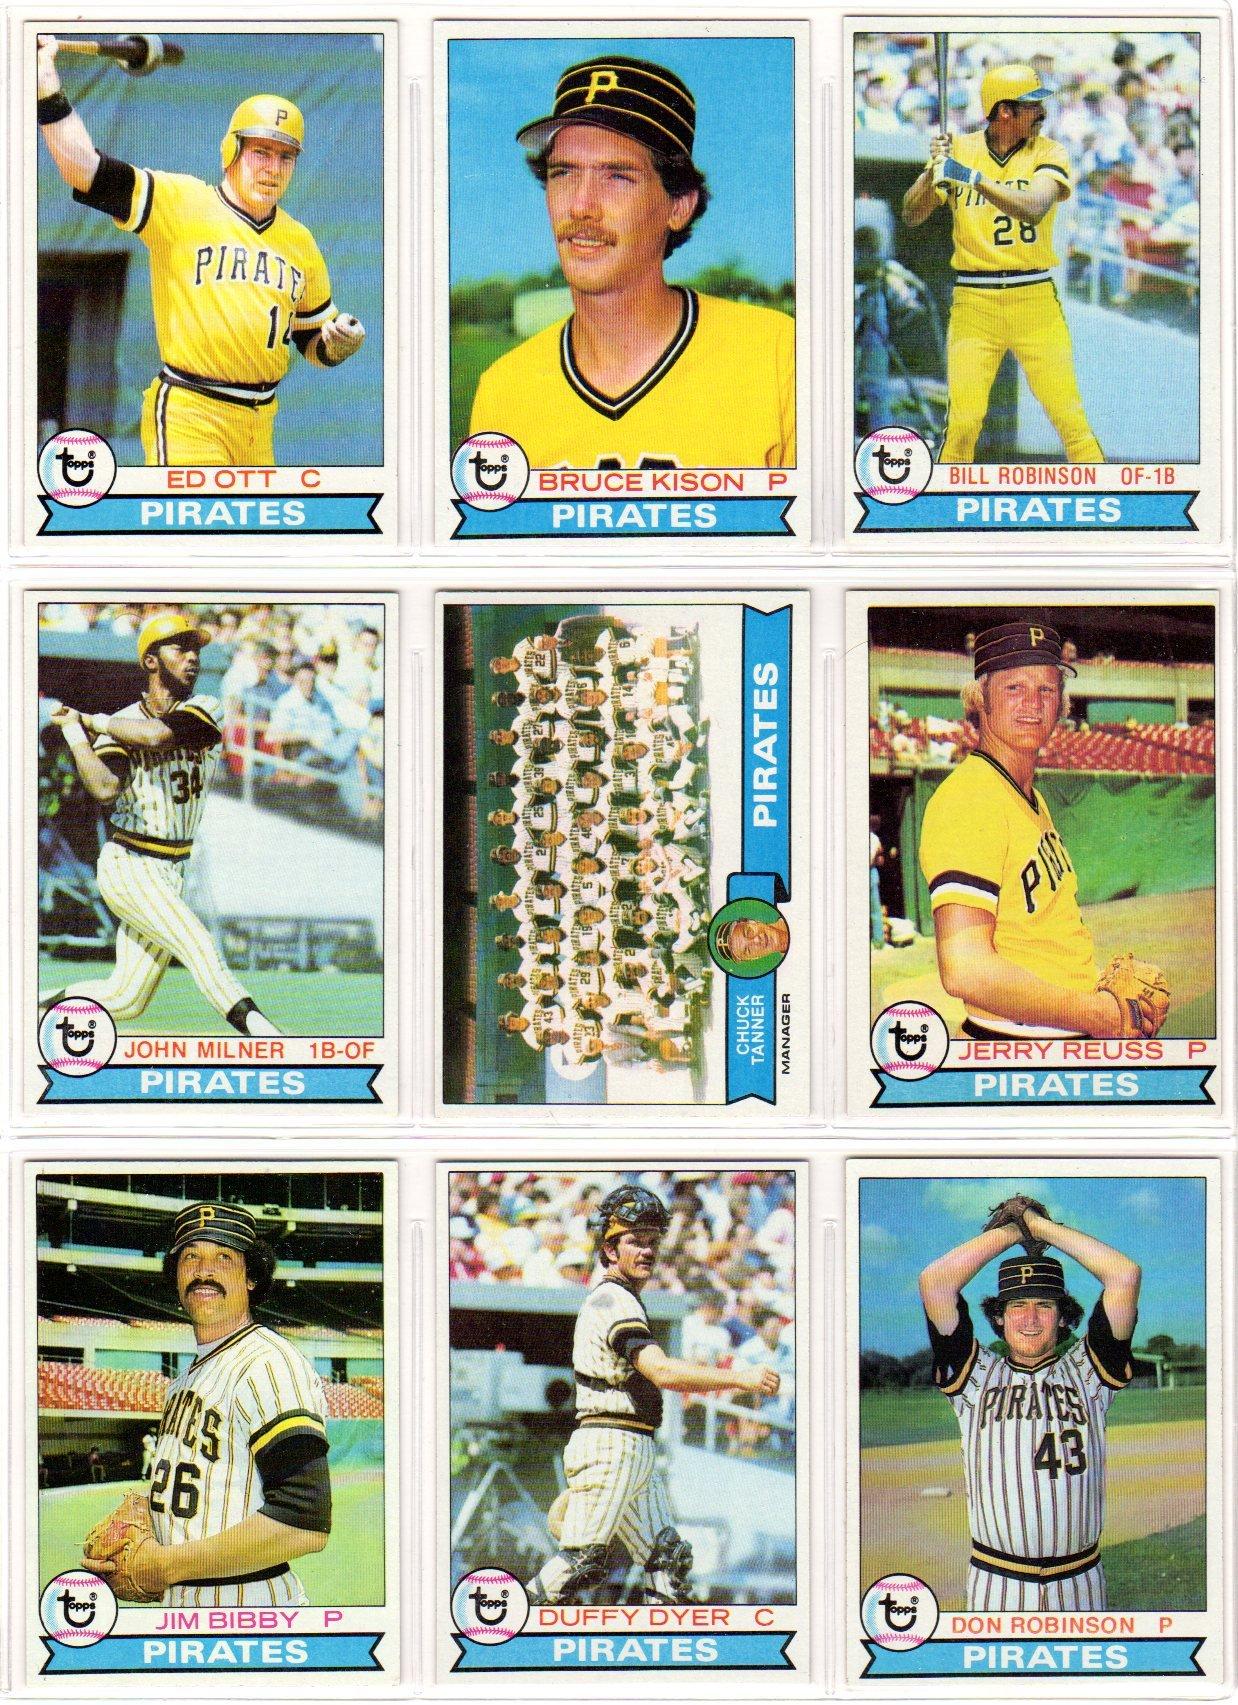 Pittsburgh Pirates 1979 Topps Baseball Team Set (World Series Champions) (27 Cards) (Willie Stargell) (Dave Parker) (Kent Tekulve) (Bert Blyleven) (Manny Sanguillen) (John Candelaria) (Rennie Stennett) (Phil Garner)